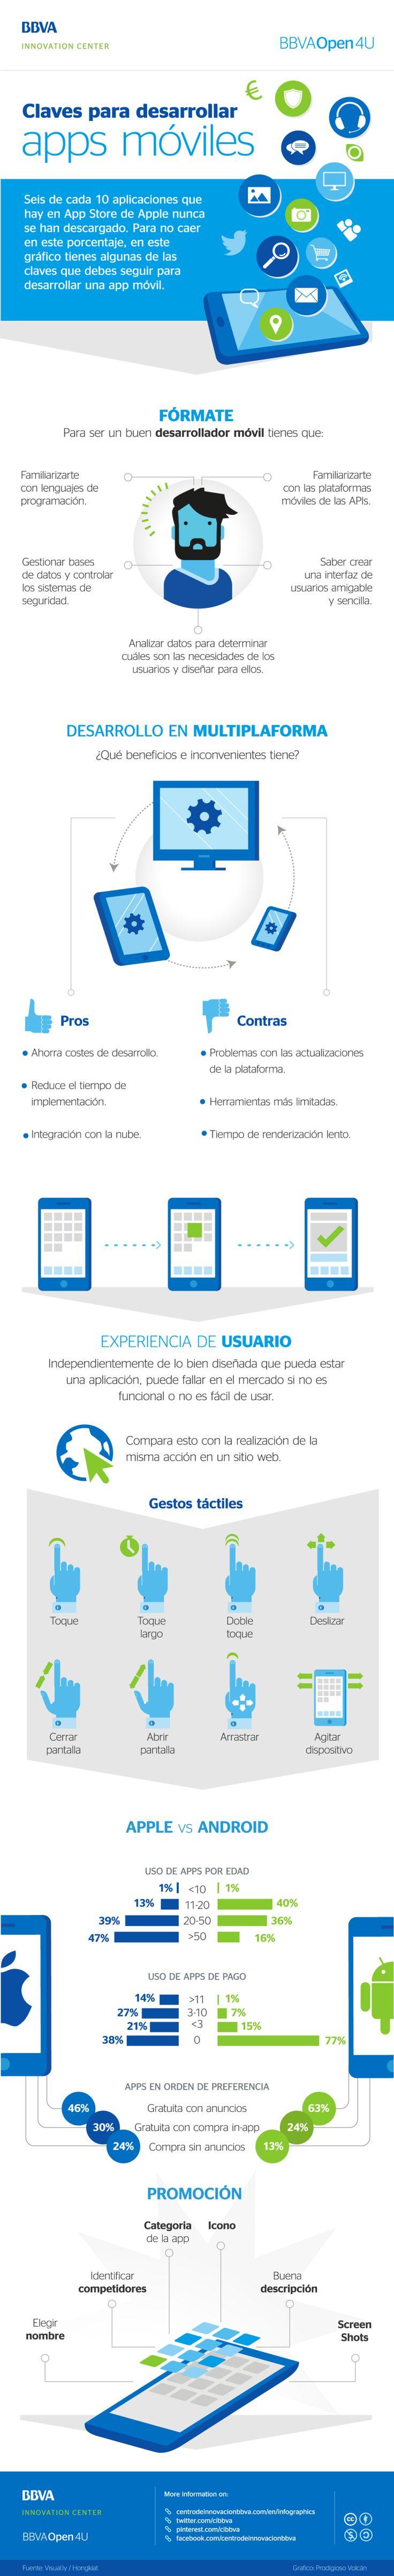 Claves para desarrollar APPs para móviles #infografia #infographic #socftware | TICs y Formación